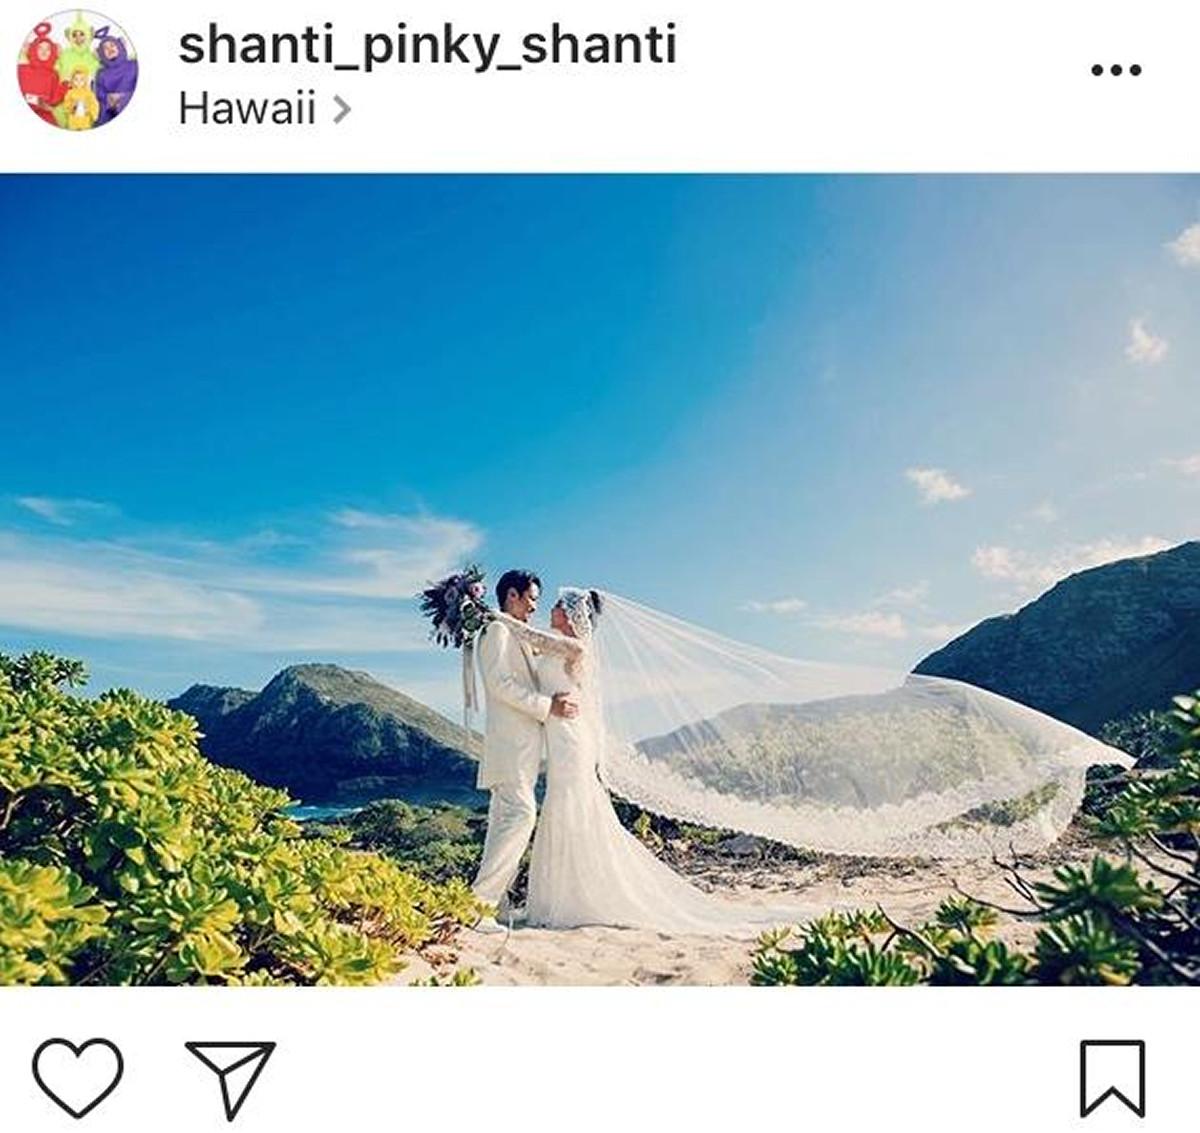 インスタグラムより@shanti_pinky_shanti